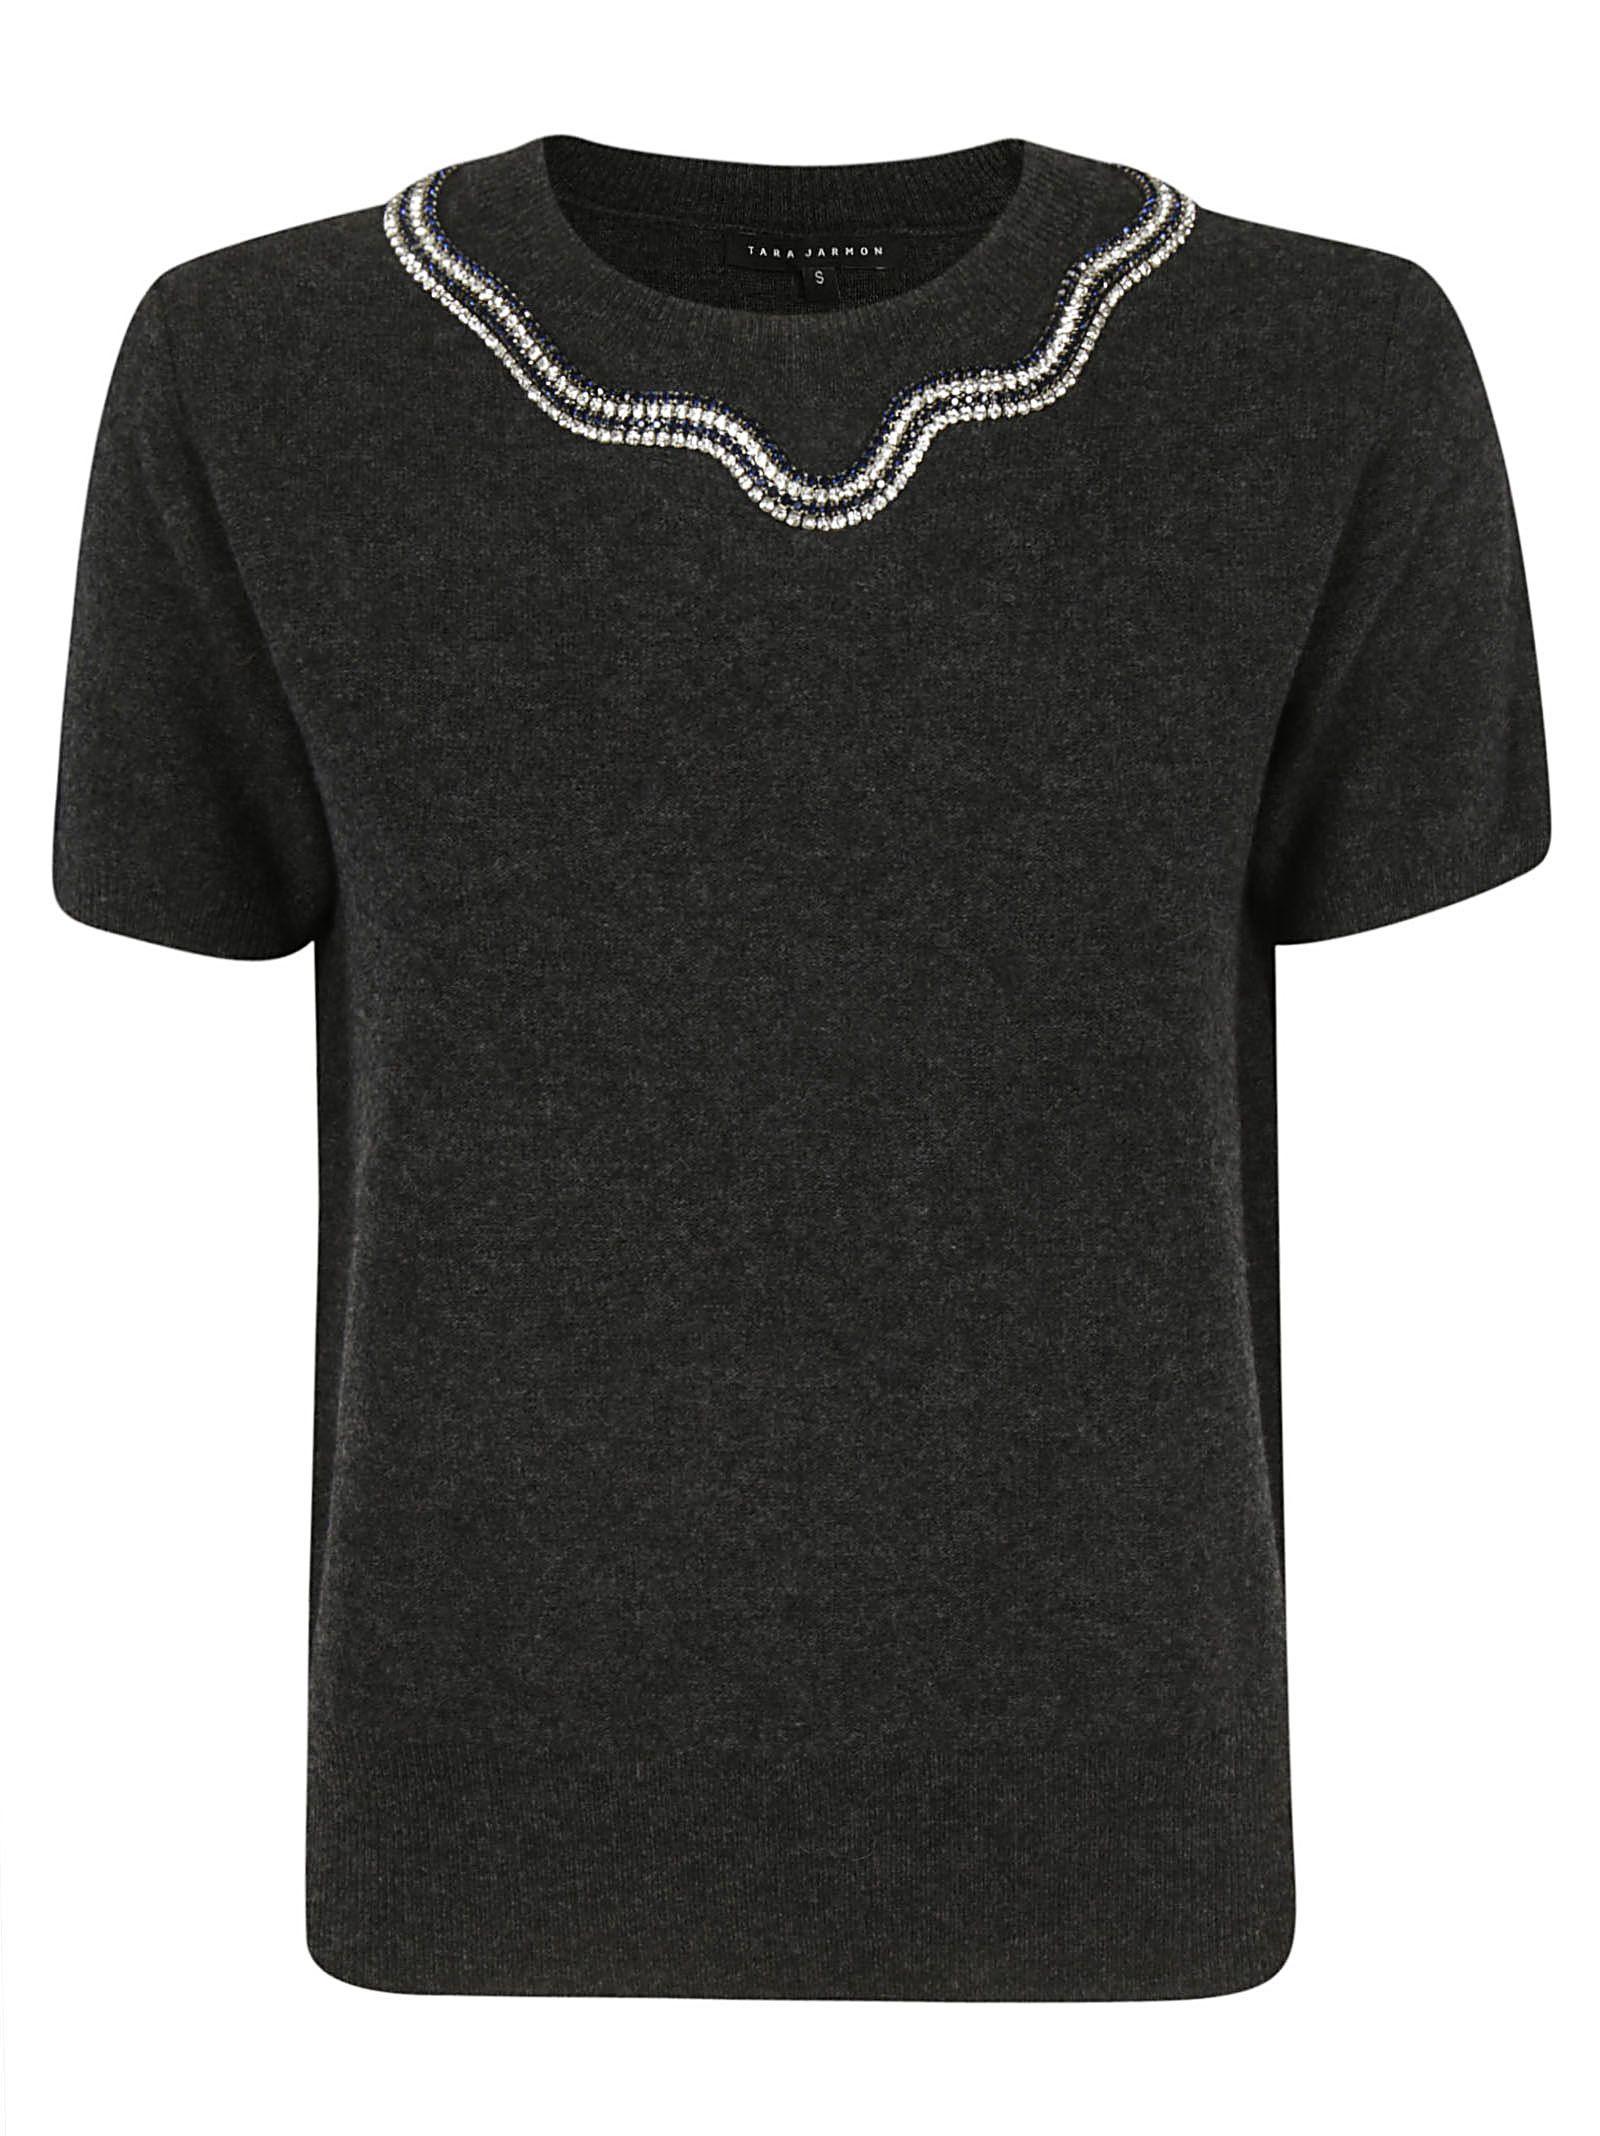 Tara Jarmon Jeweled Collar Top